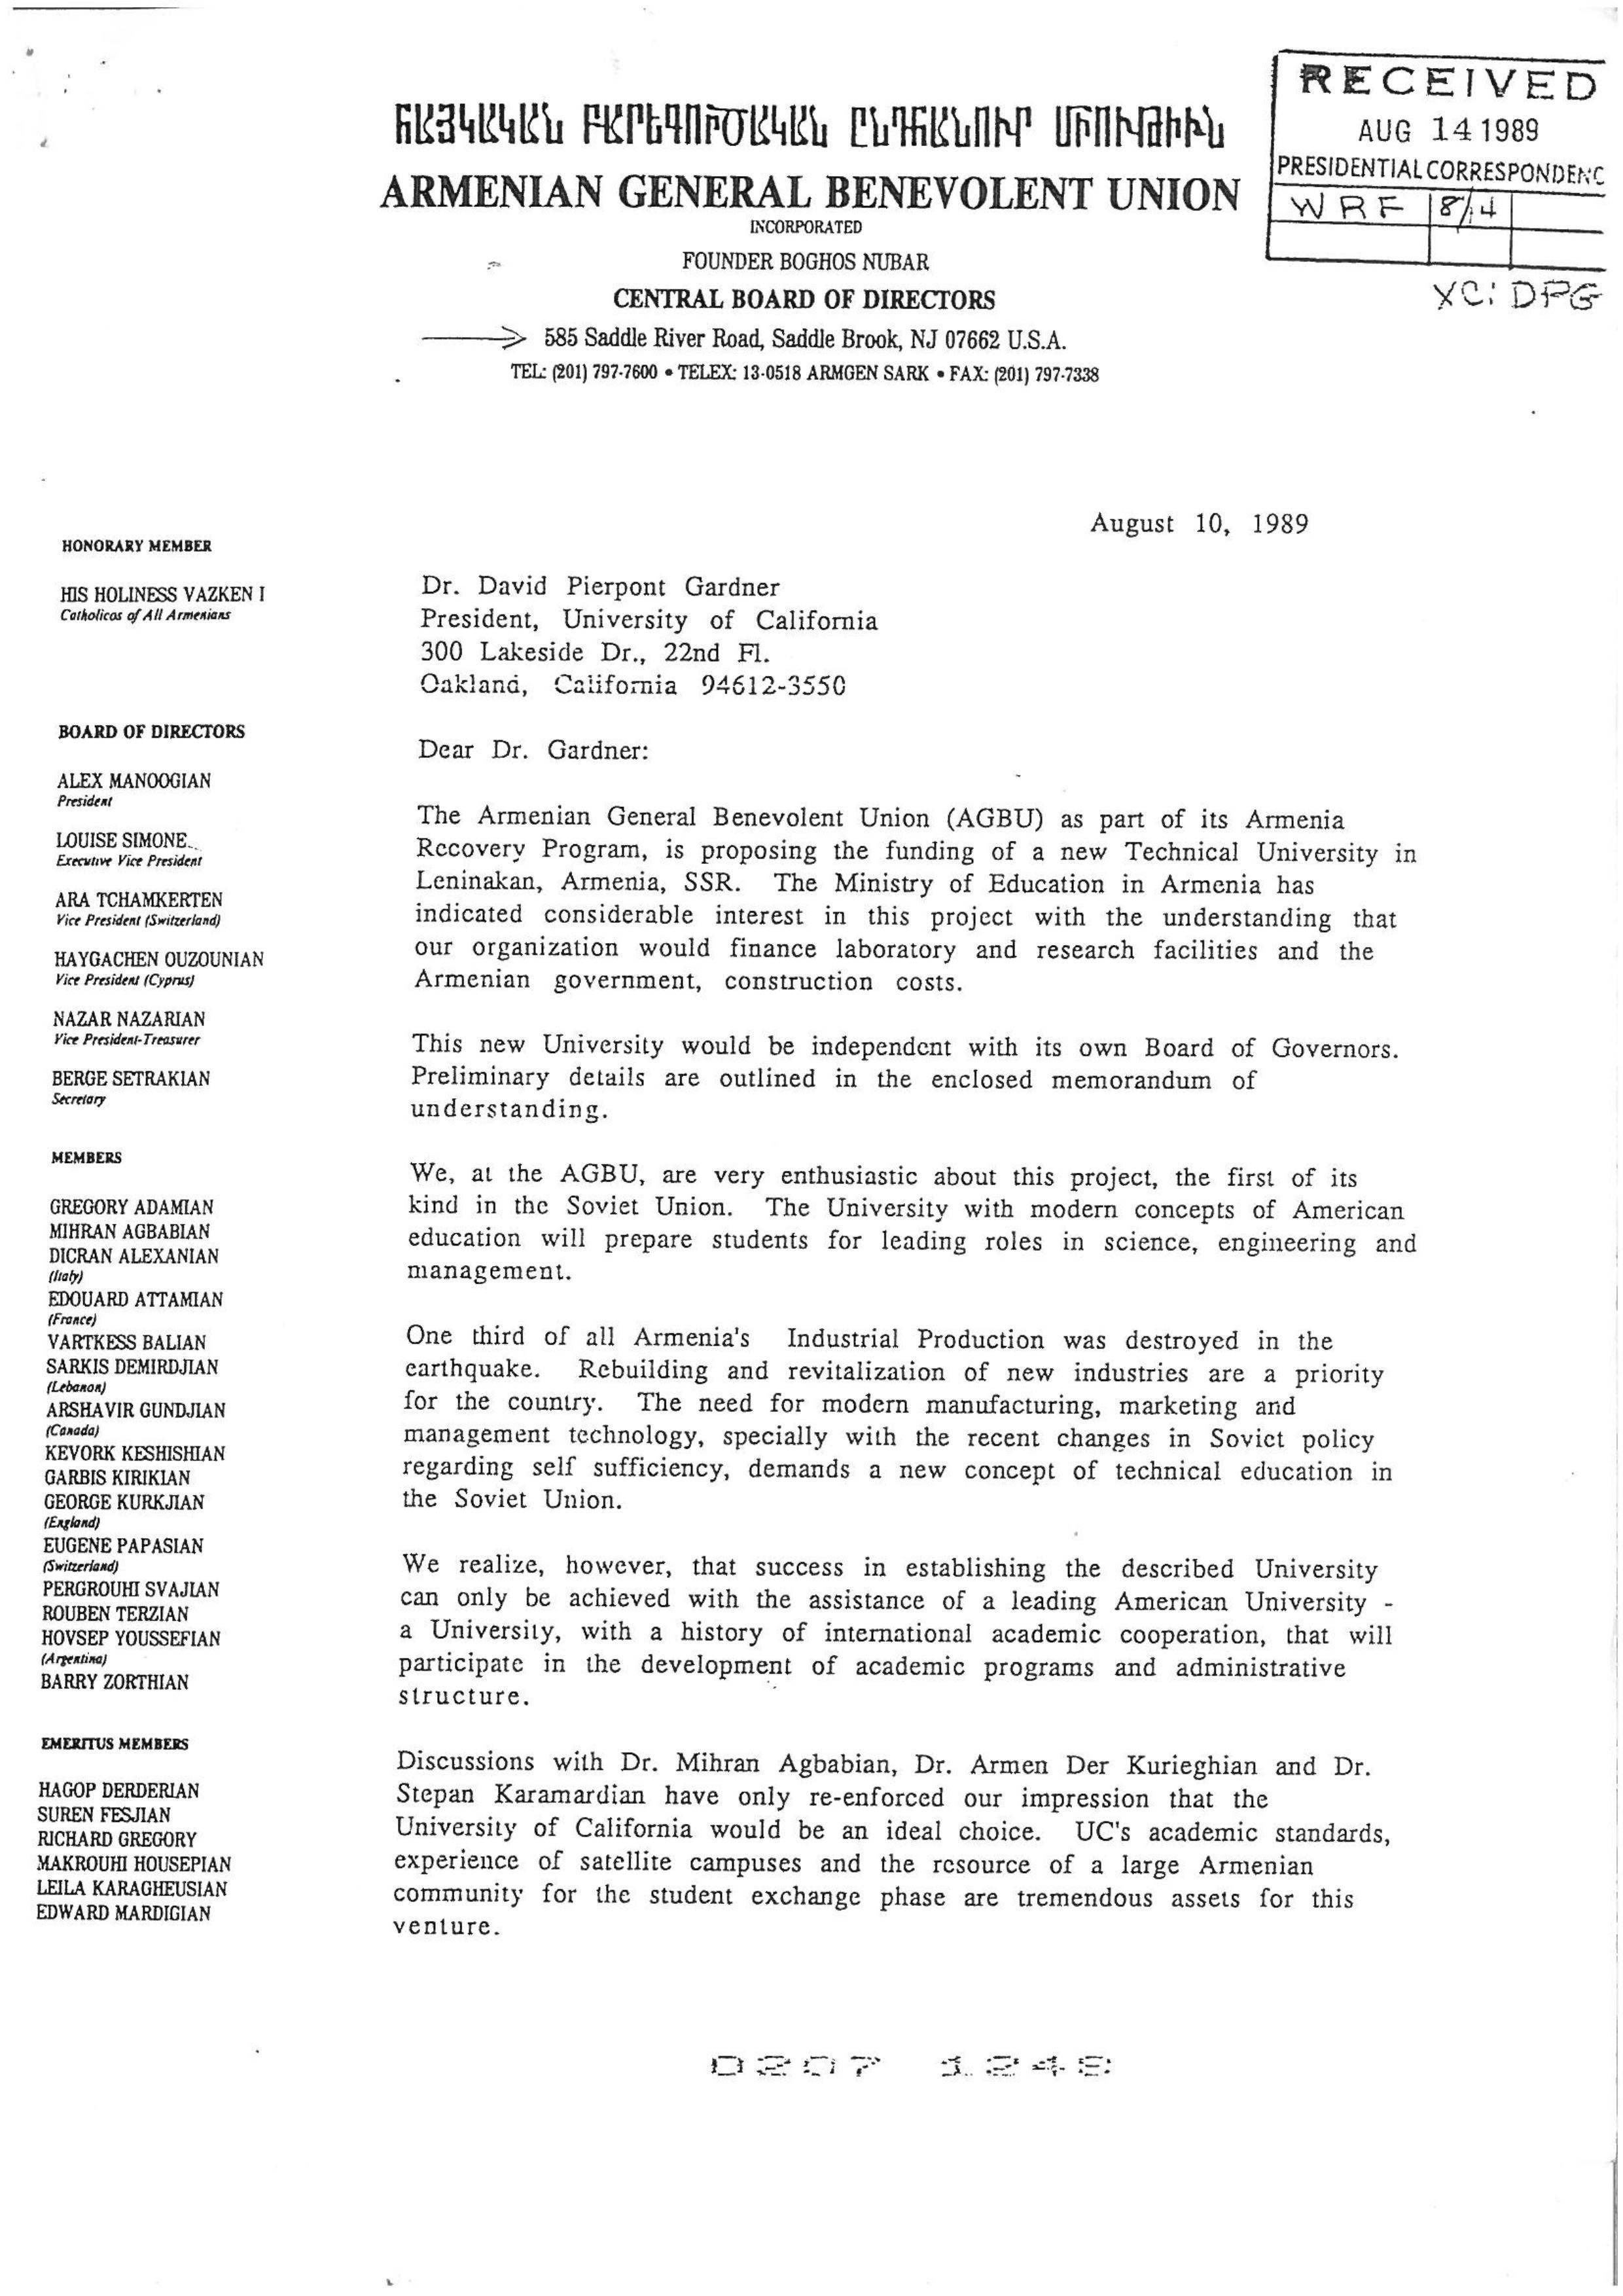 Լուիզ Մանուկյան Սիմոնի ուղարկած նամակը Կարոլինայի համալսարանի նախագահ Դեյվիդ Գարթներին։